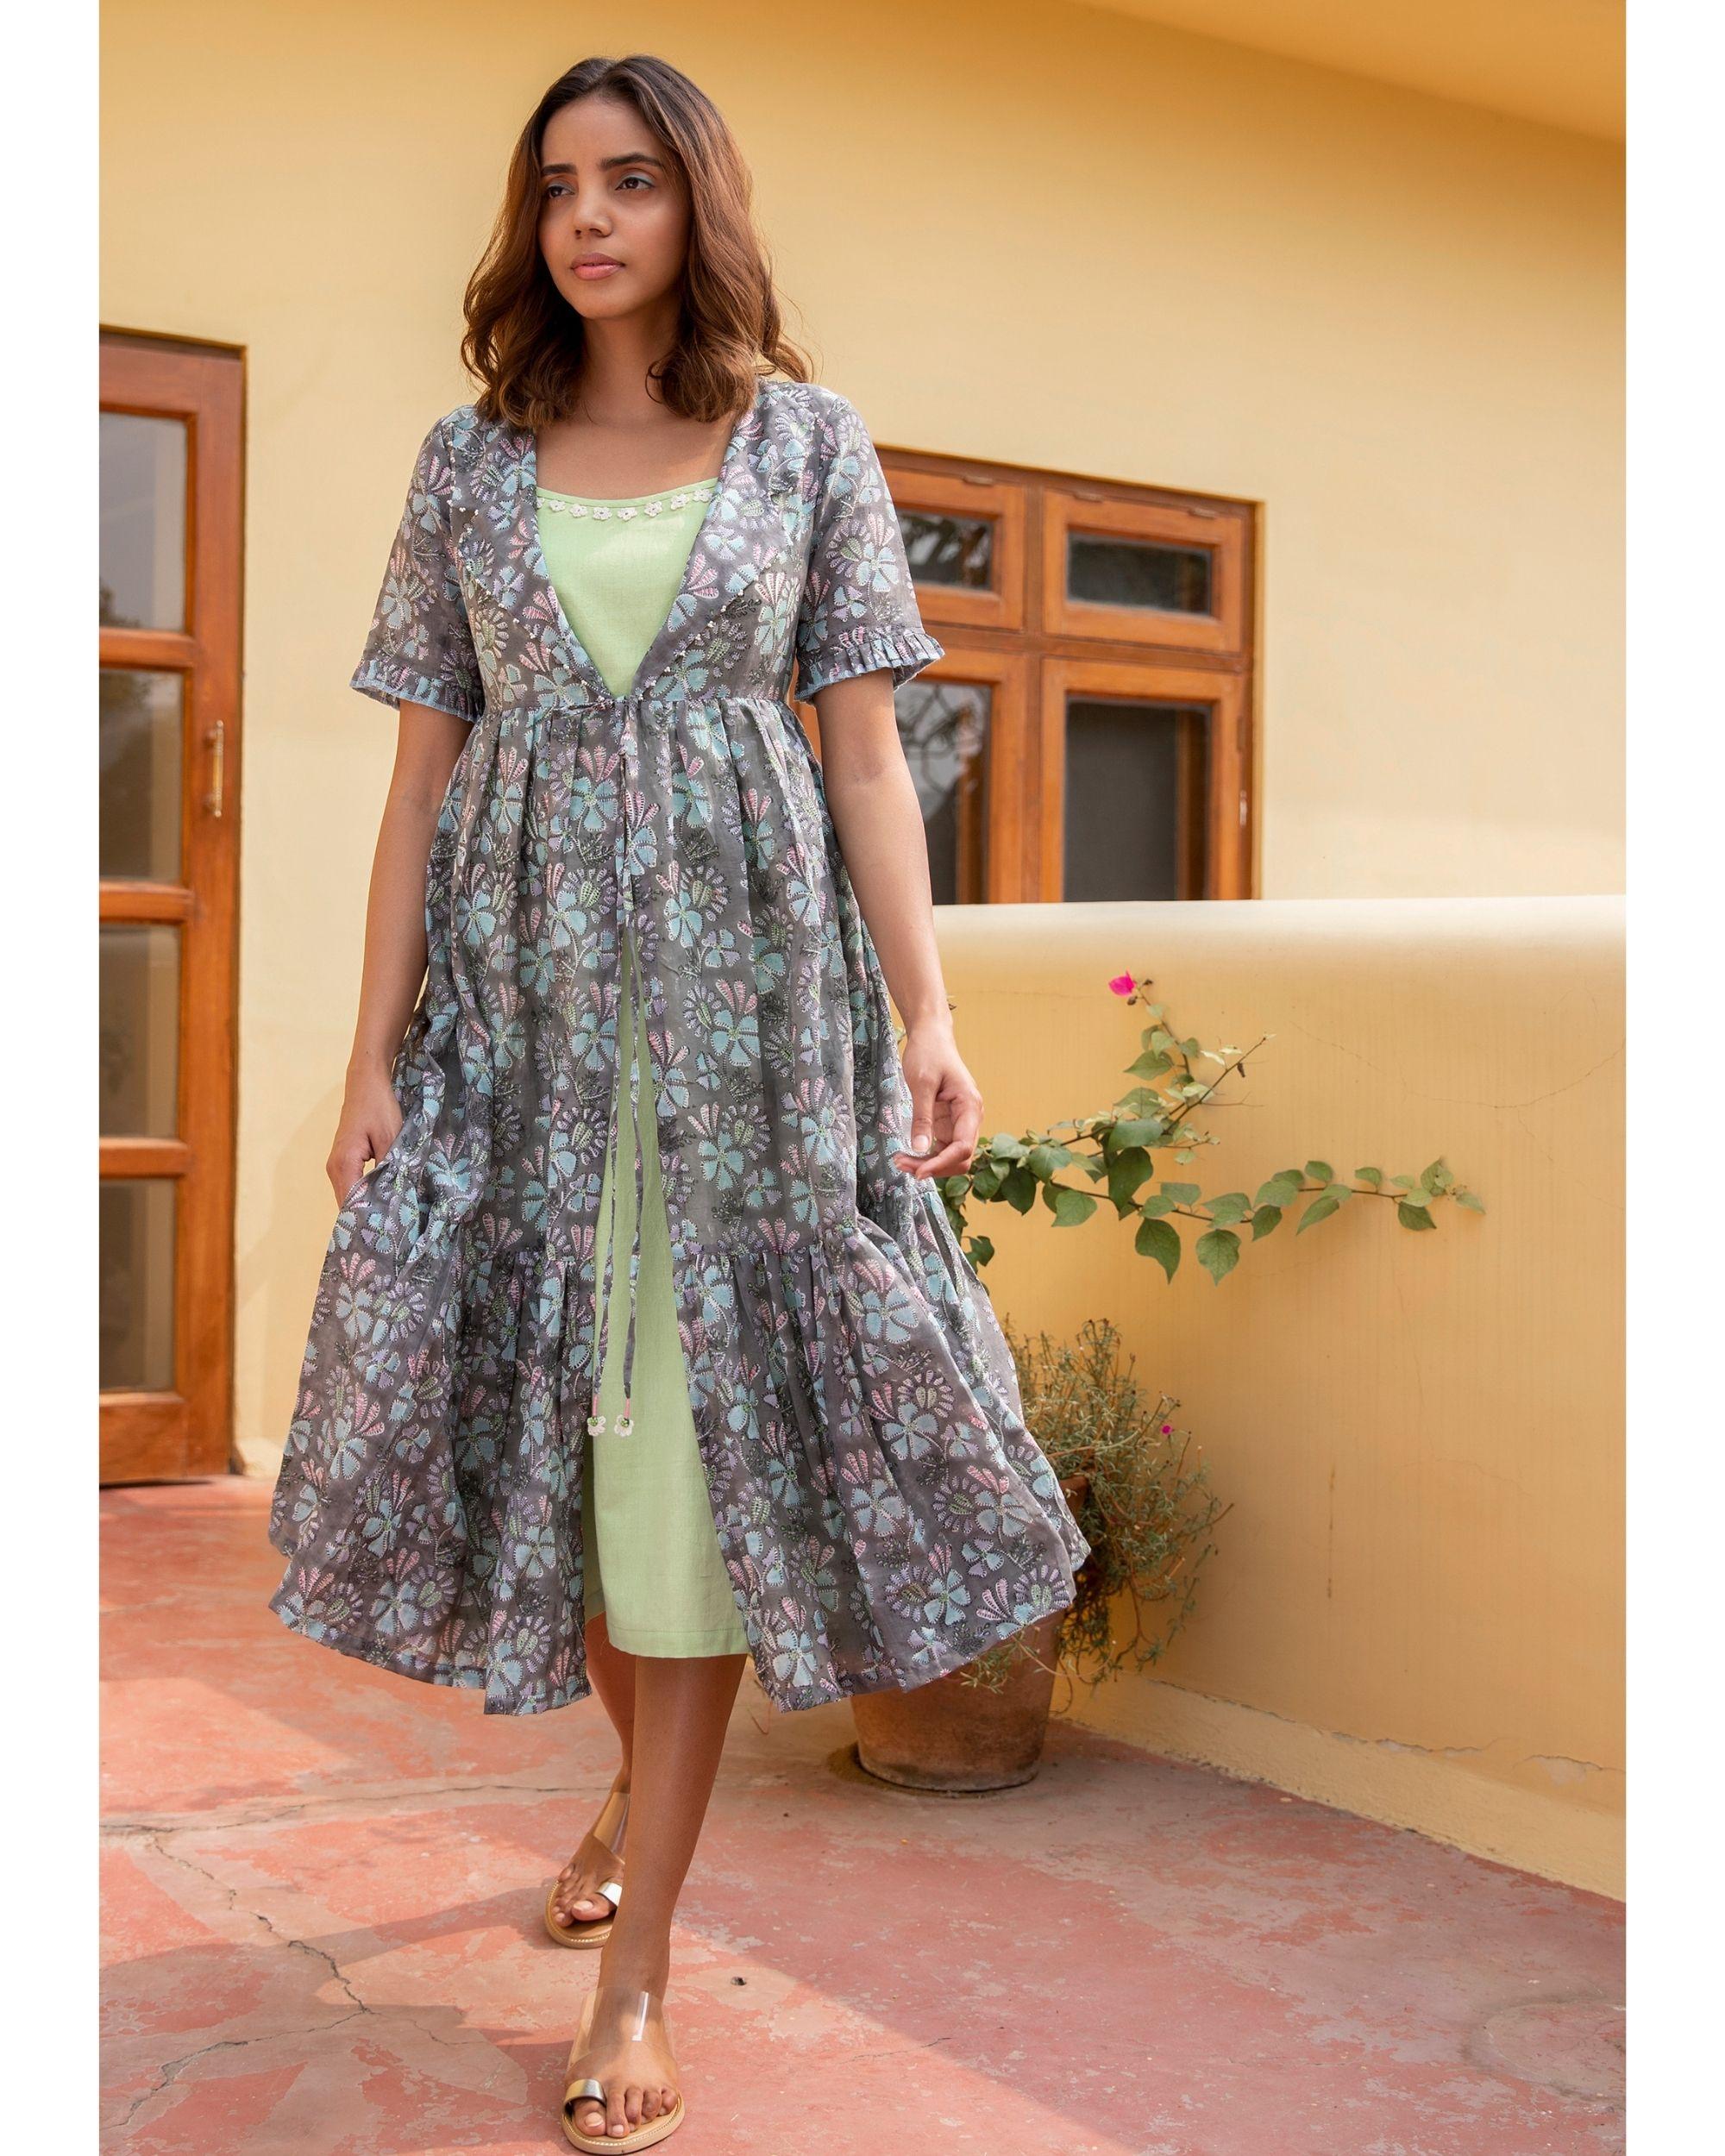 Botanic jacket dress with a slip - set of two